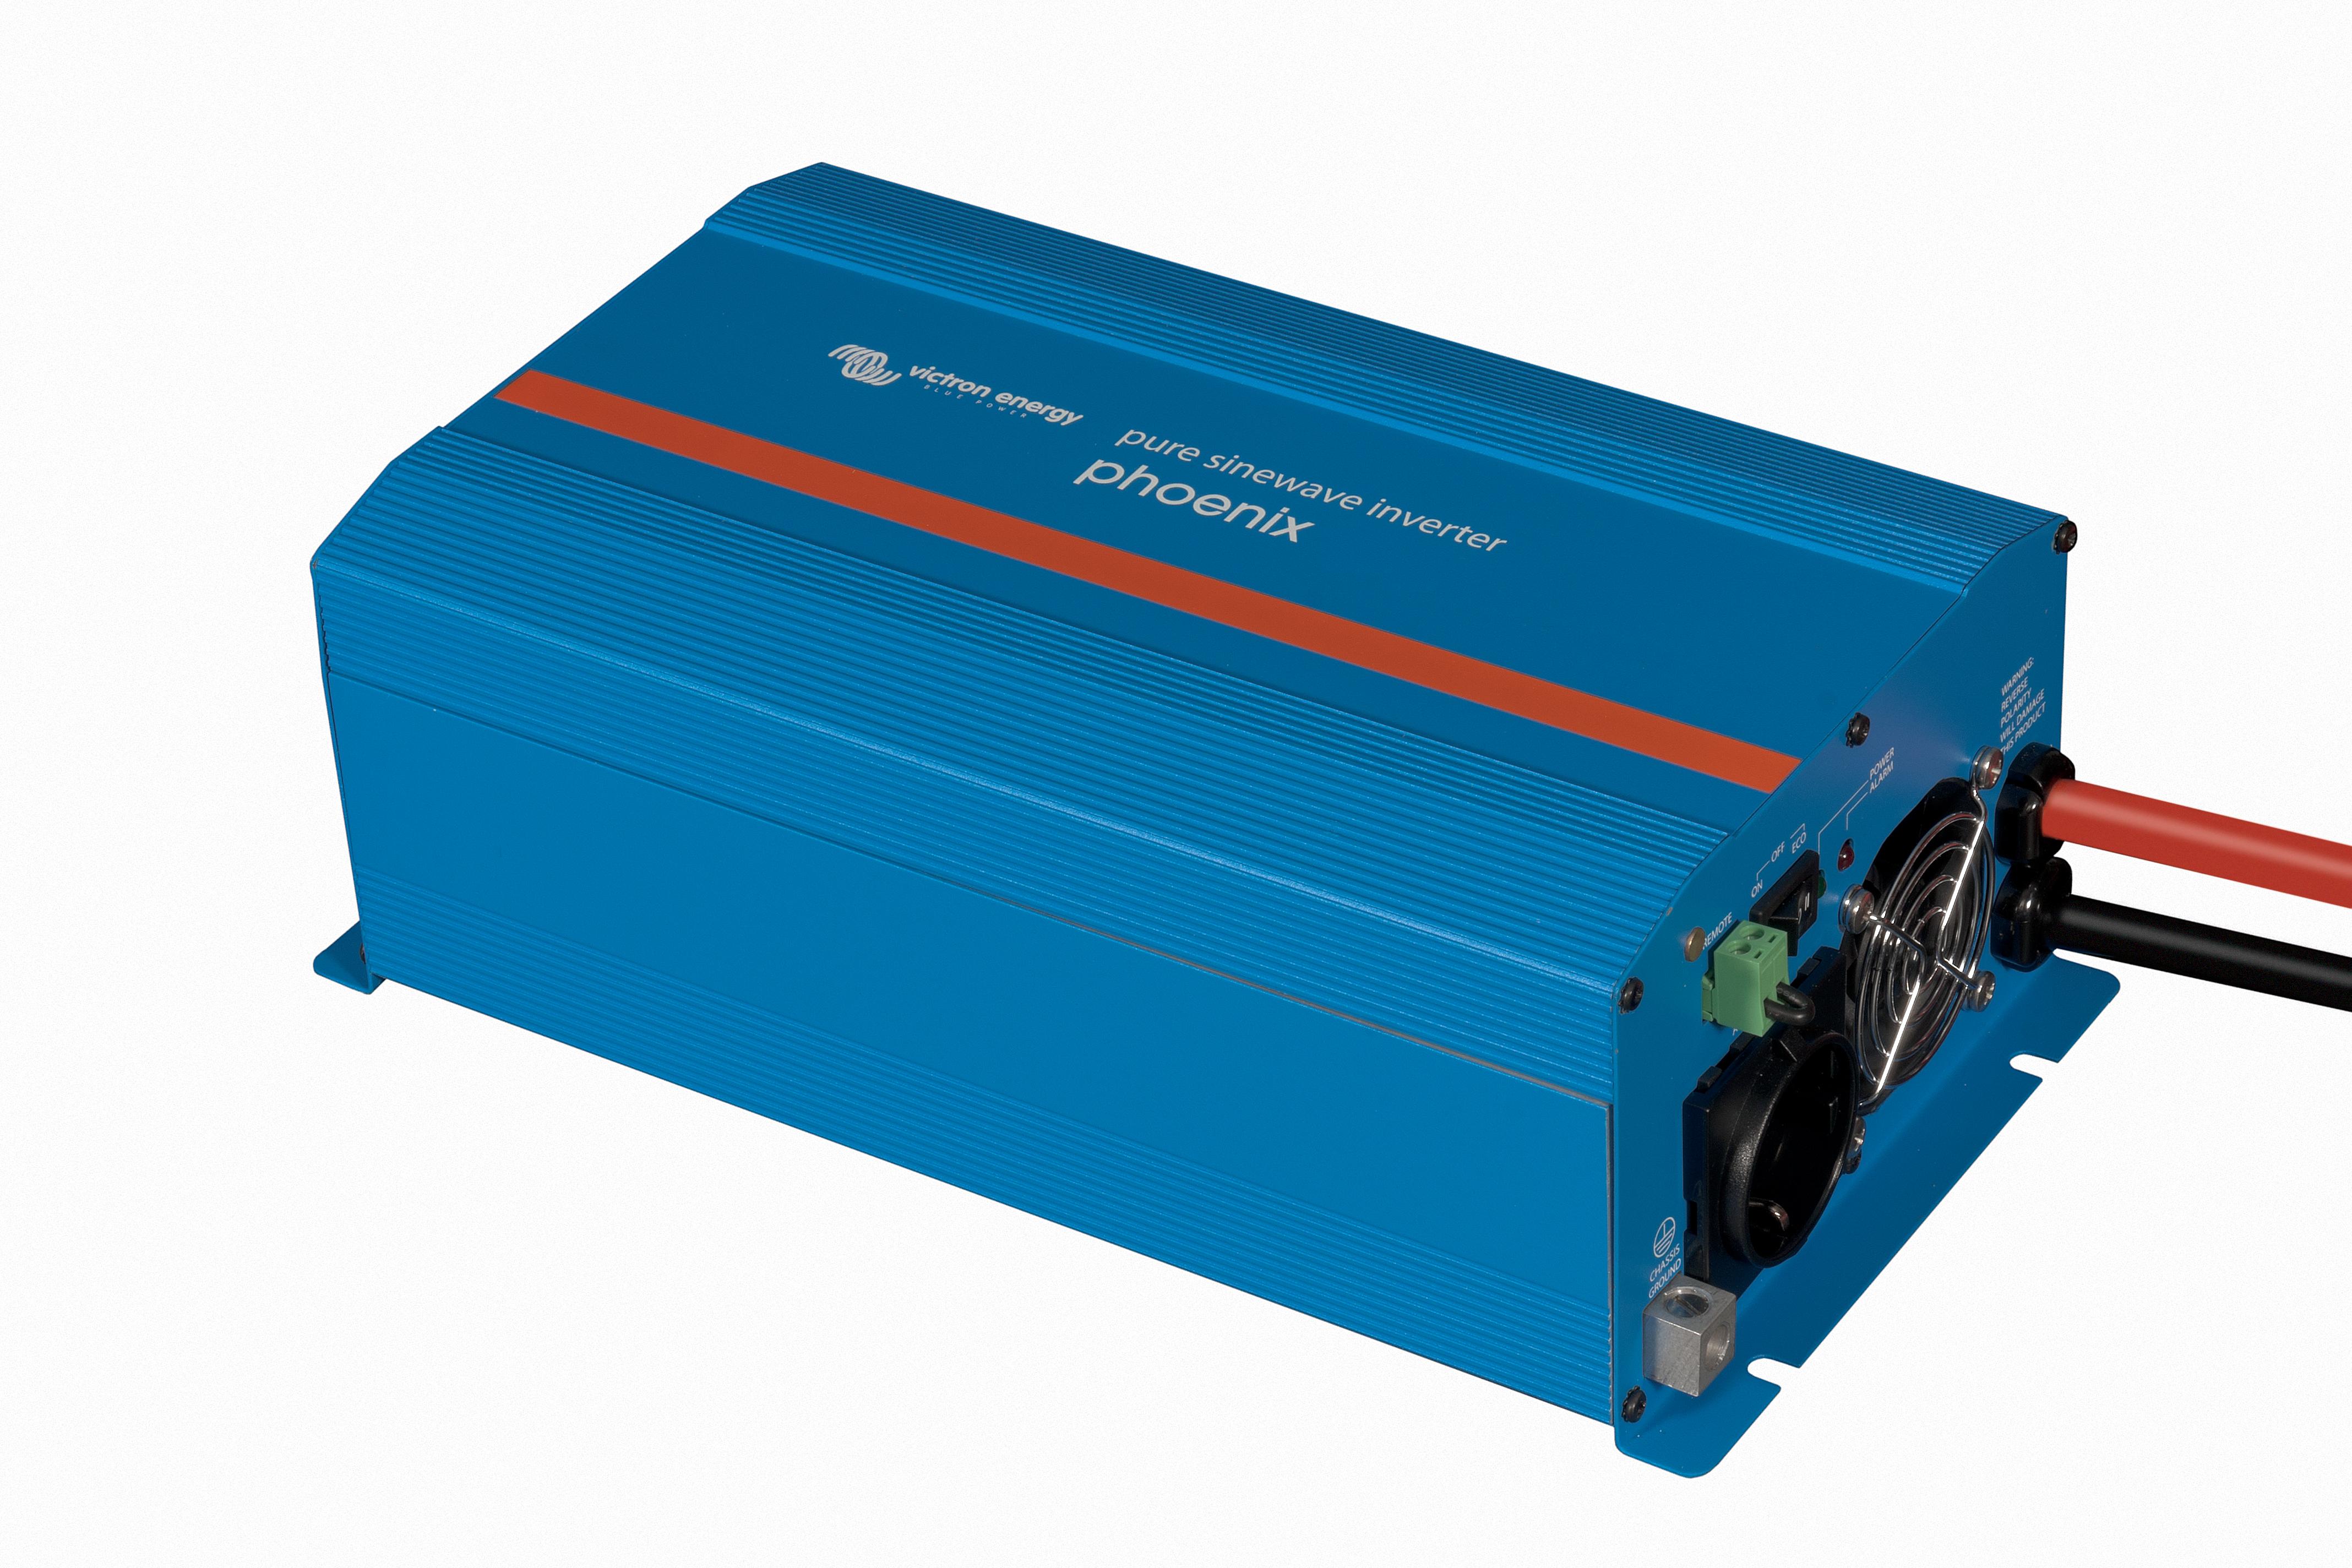 1 Stk Inselwechselrichter 24V 1200W mit Schuko Steckdose PVBI1224-A